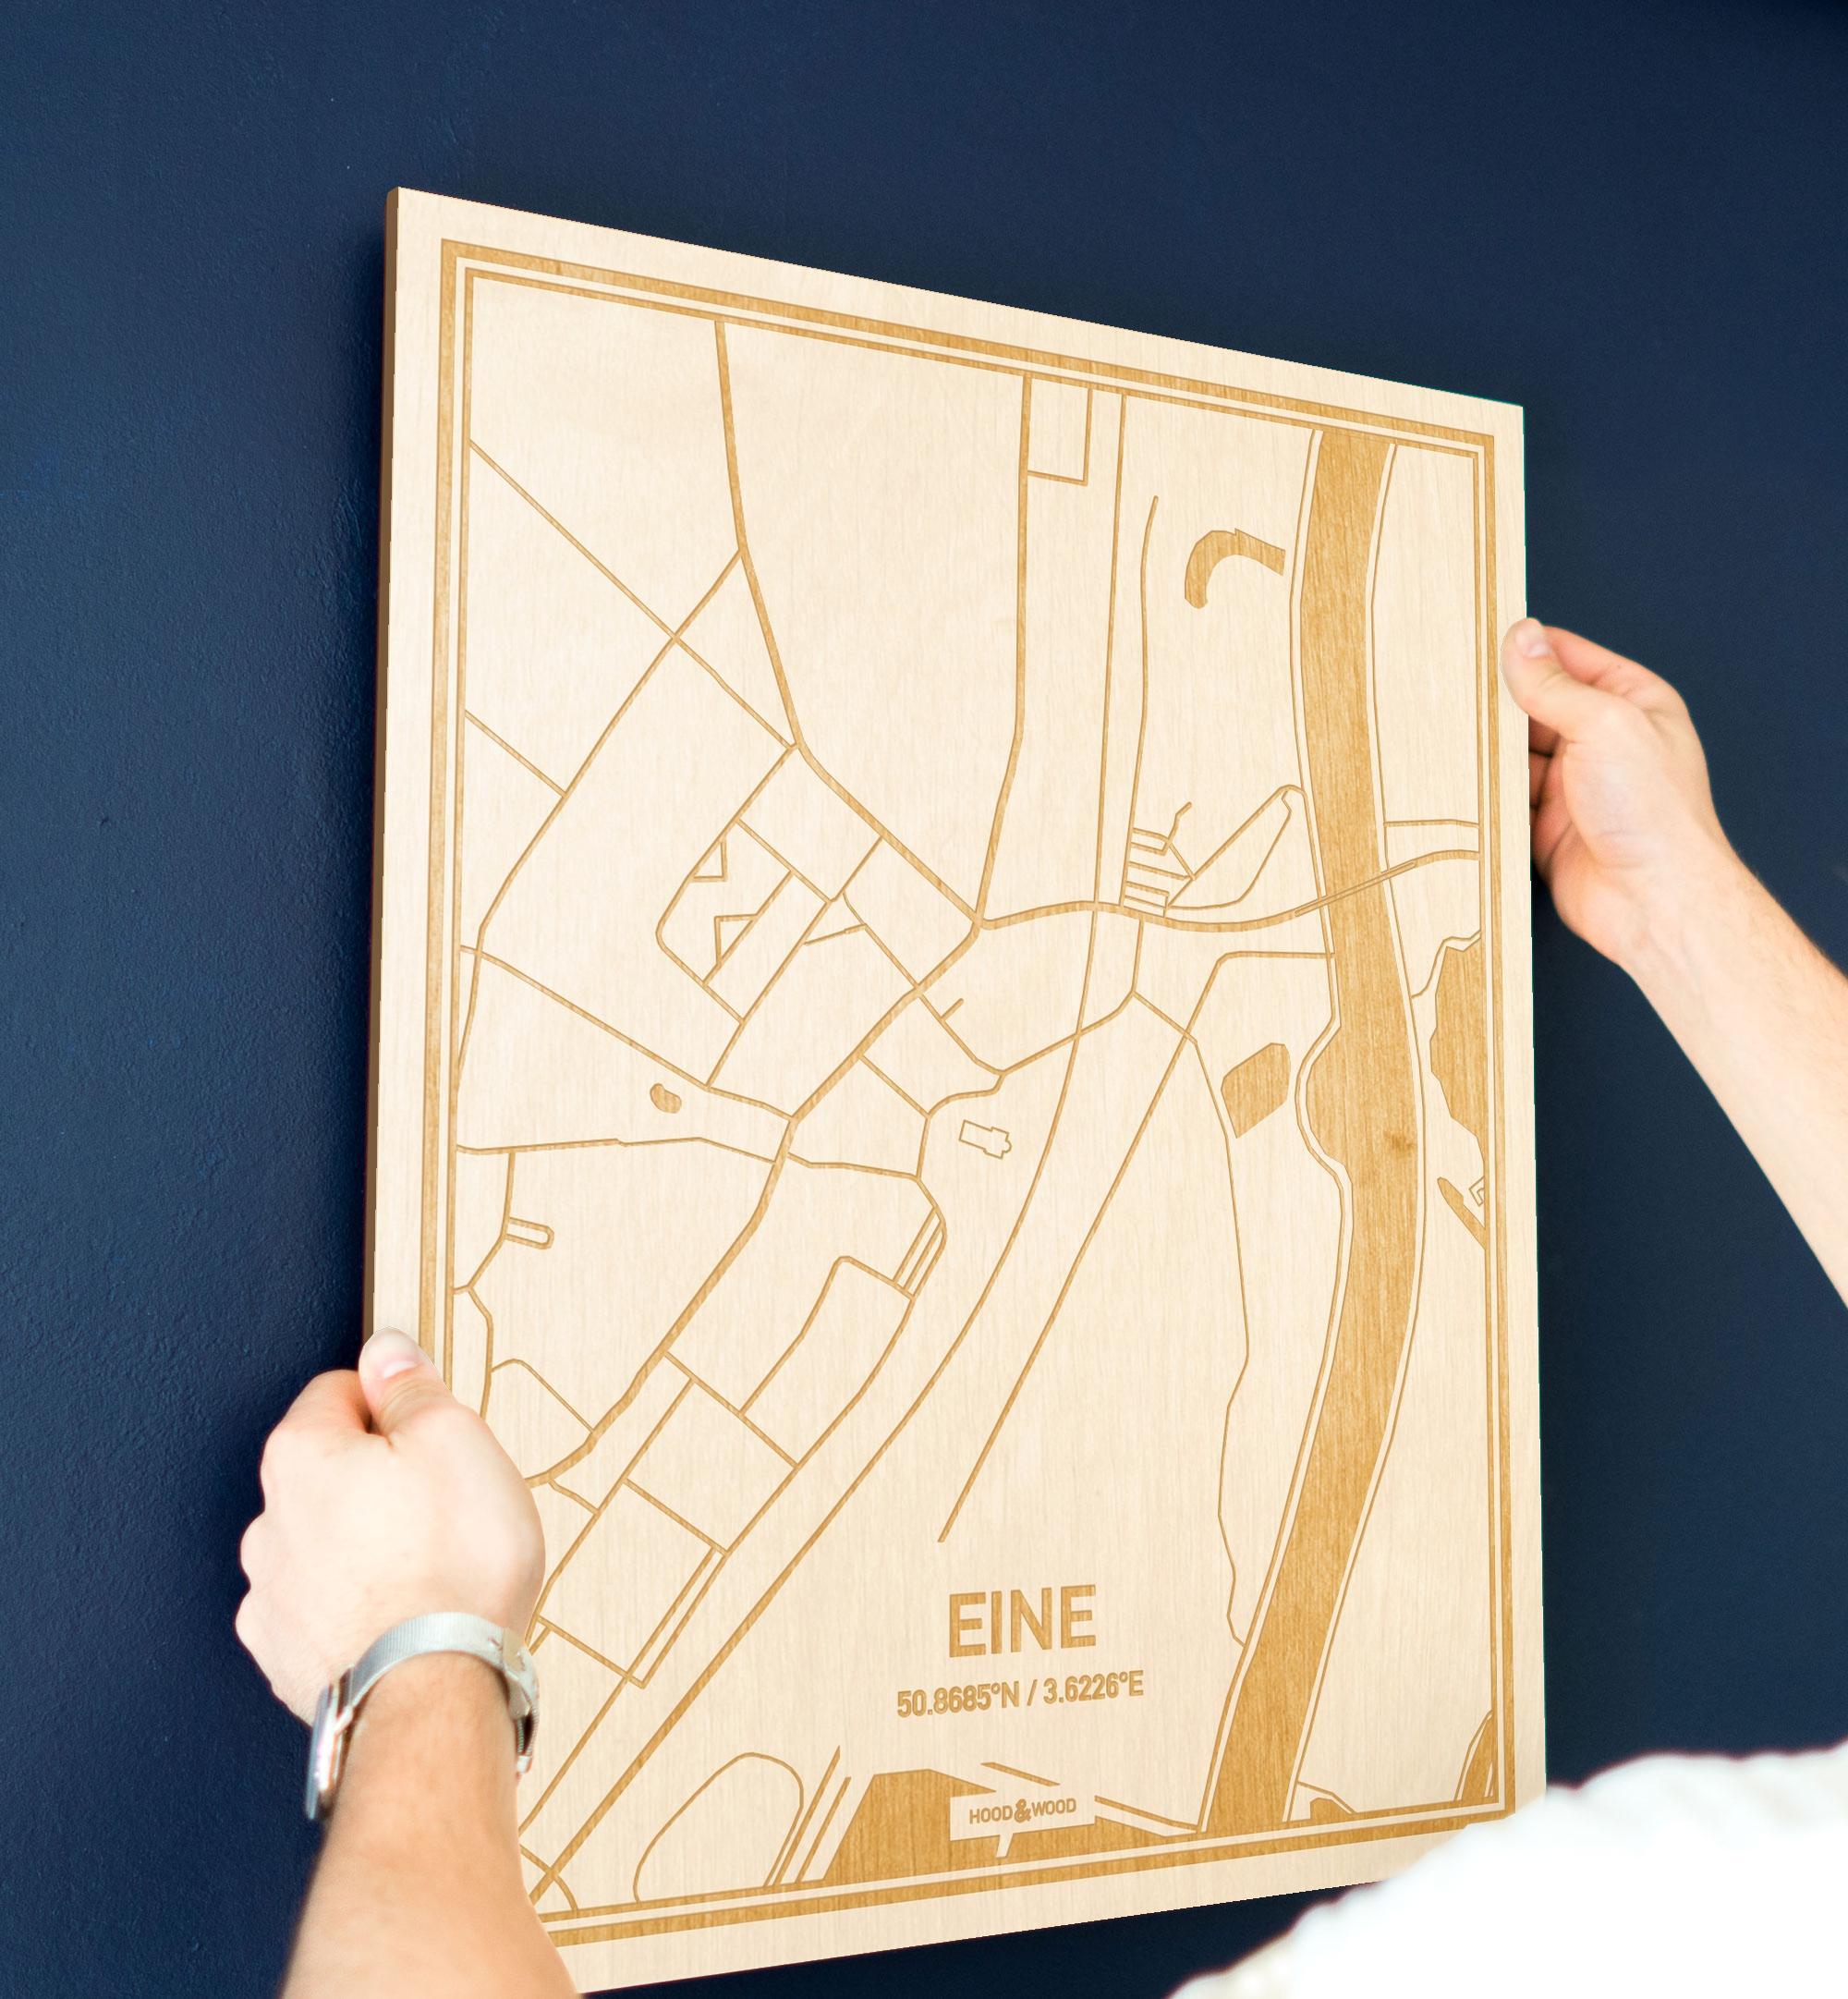 Een man hangt de houten plattegrond Eine aan zijn blauwe muur ter decoratie. Je ziet alleen zijn handen de kaart van deze verrassende in Oost-Vlaanderen  vasthouden.